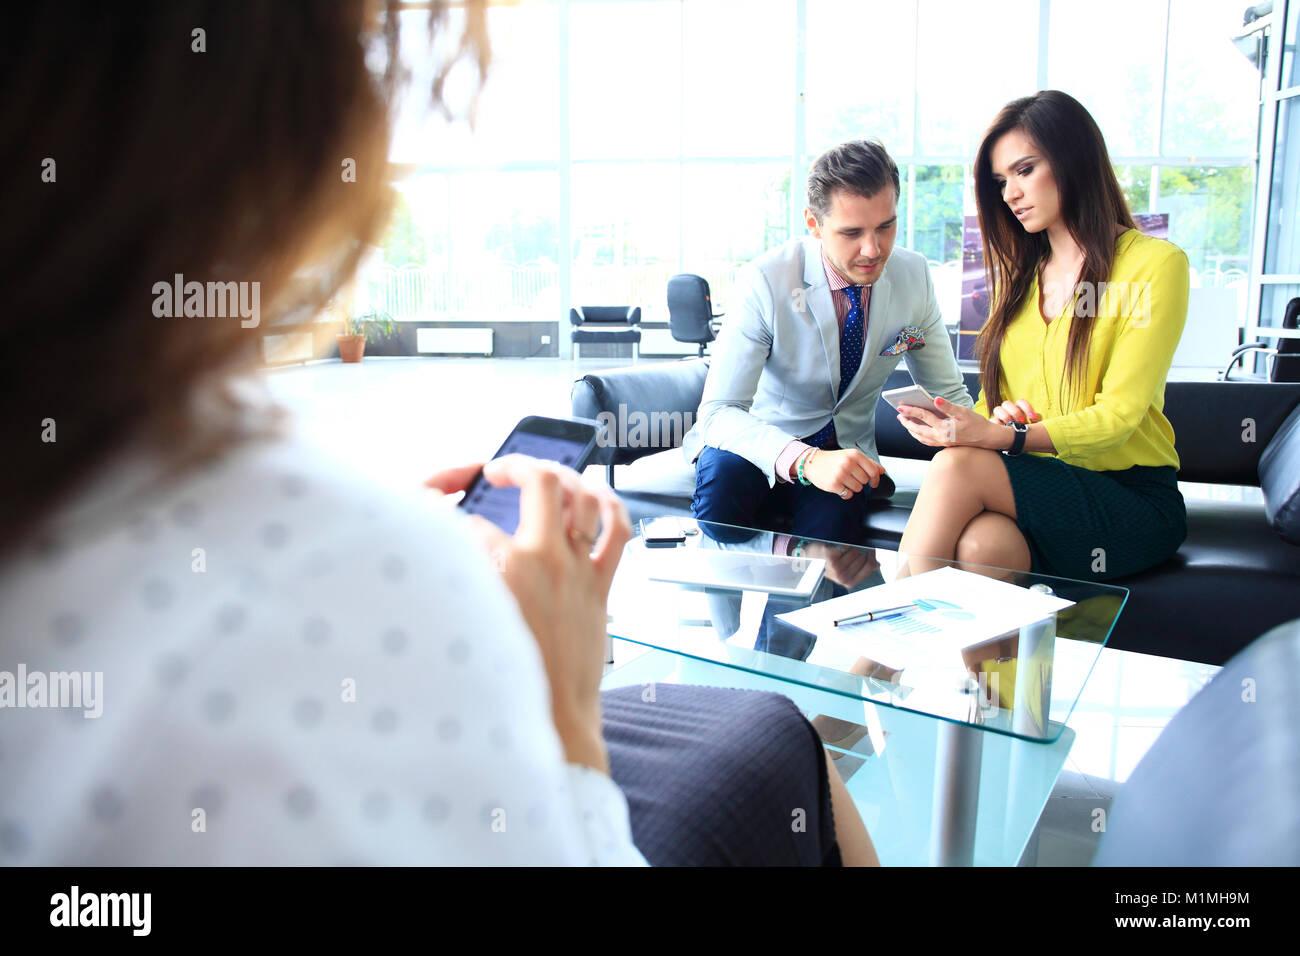 Geschäft Leute treffen Konferenz Diskussion Unternehmenskonzept. Stockbild